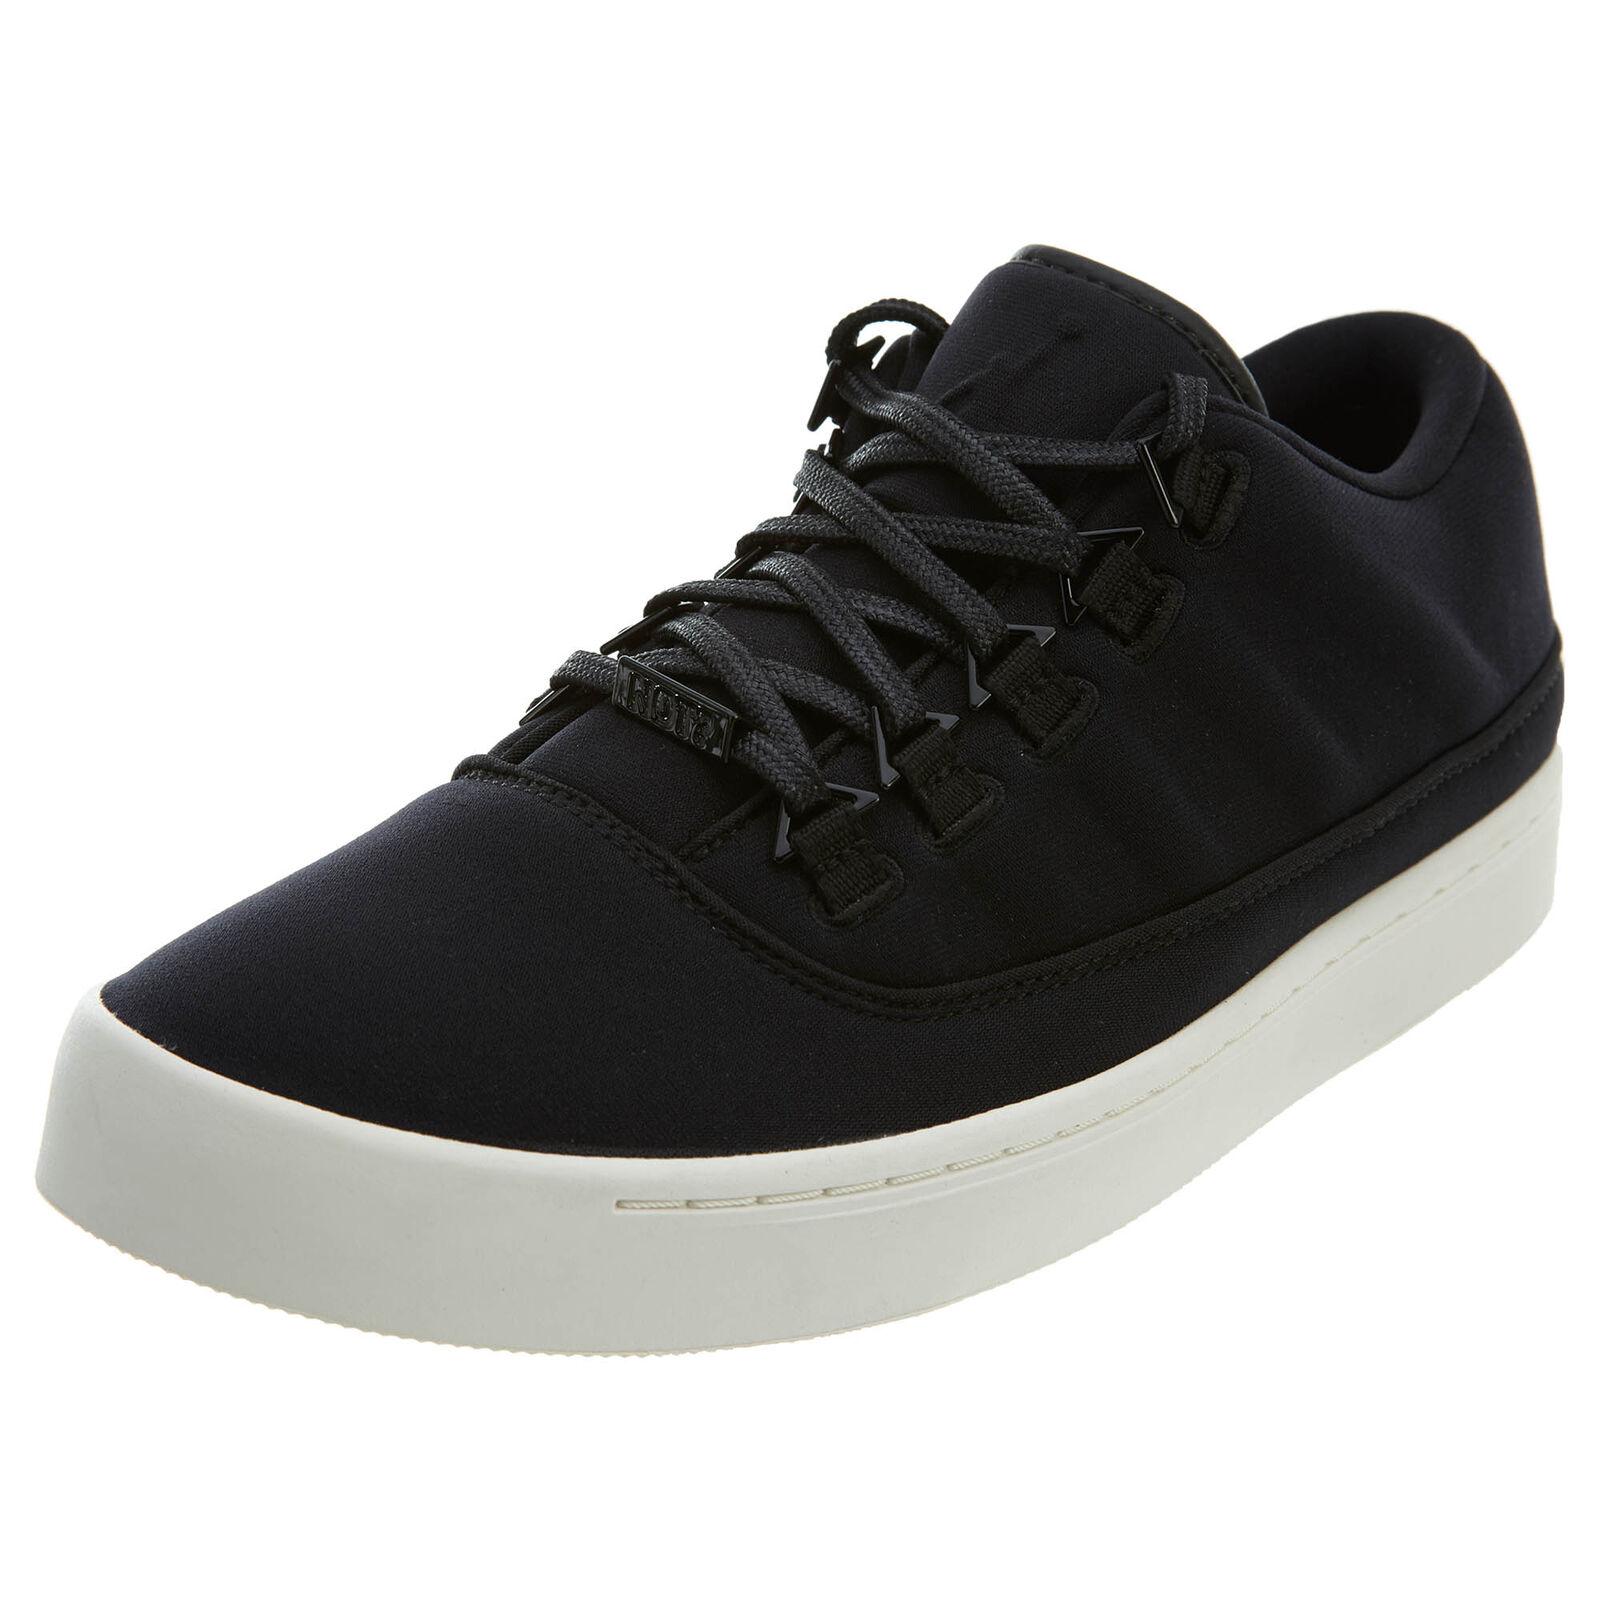 Jordan Uomo Westbrook 0 Low Low Low Basketball scarpe 850772-012 876278